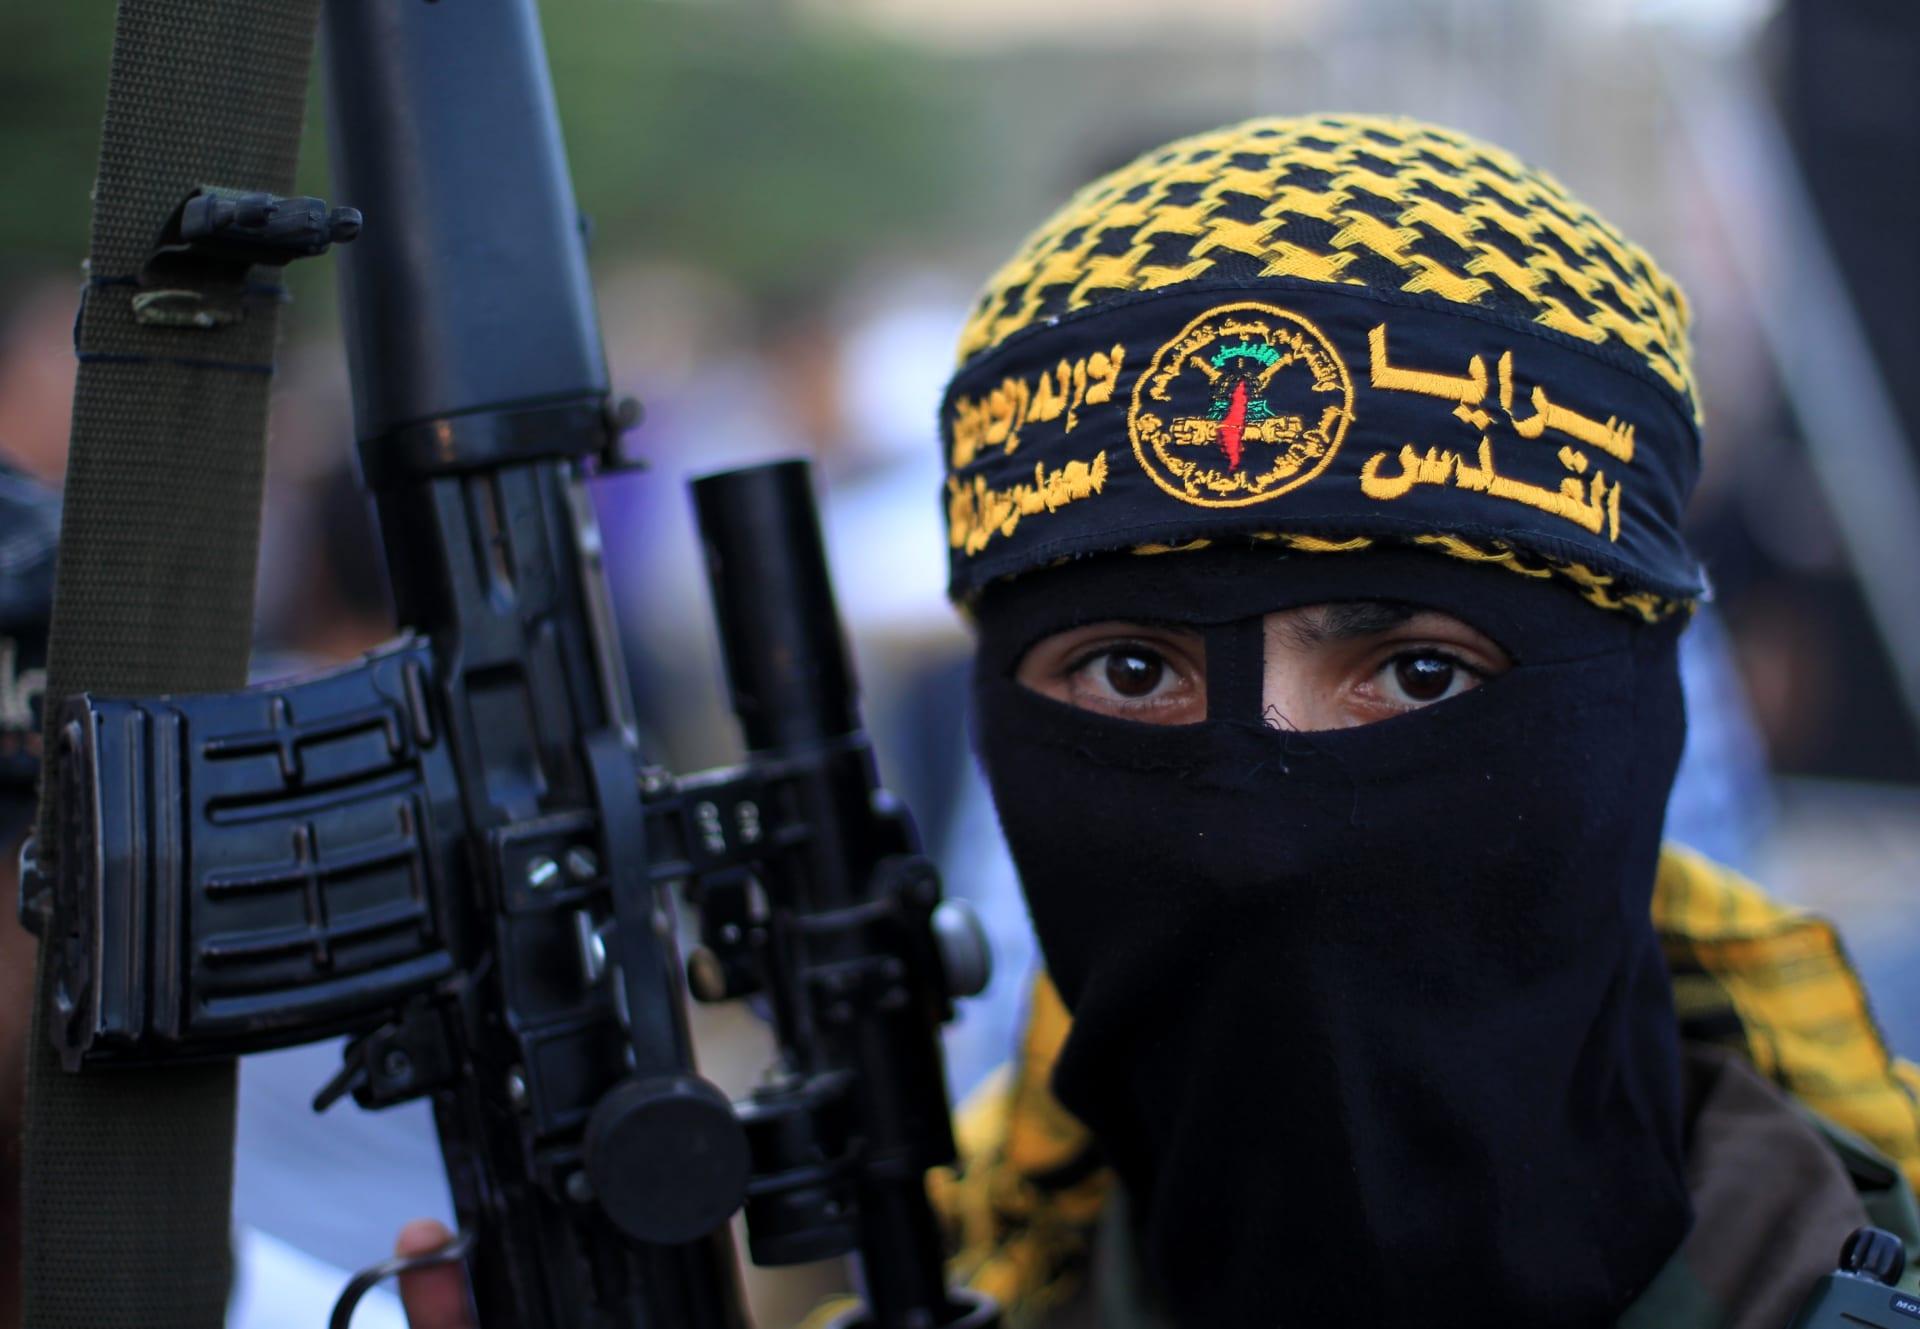 سرايا القدس وكتائب القسام: استهدافنا لإسرائيل كان ردا على عدوانها